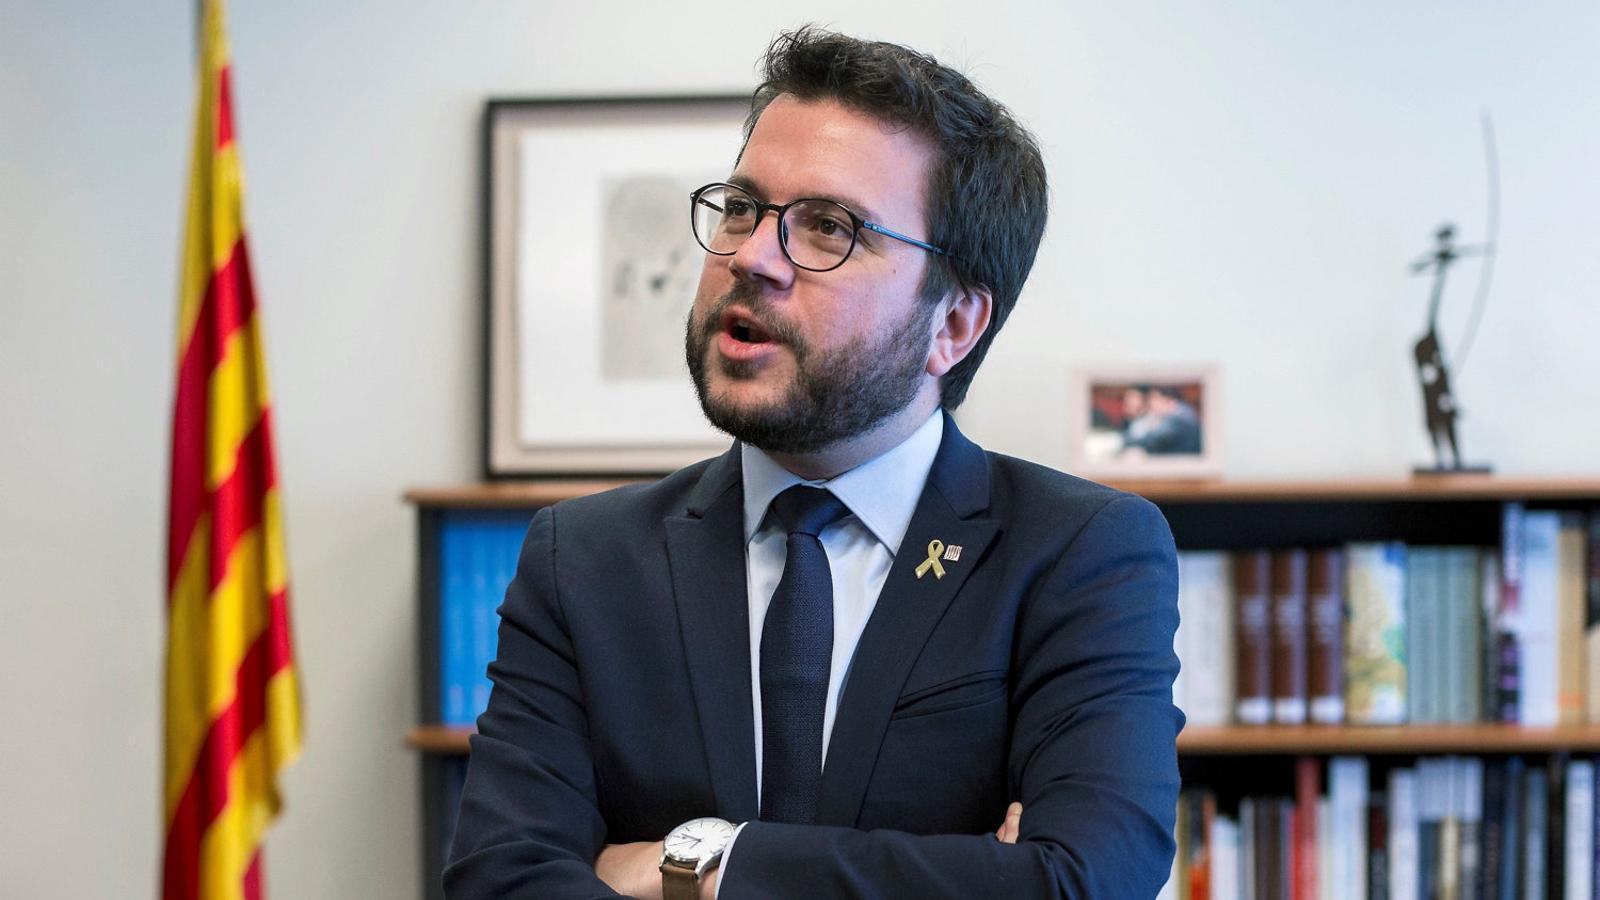 El conseller i vicepresident del Govern, Pere Aragonès, durant l'entrevista  a l'agència Efe.